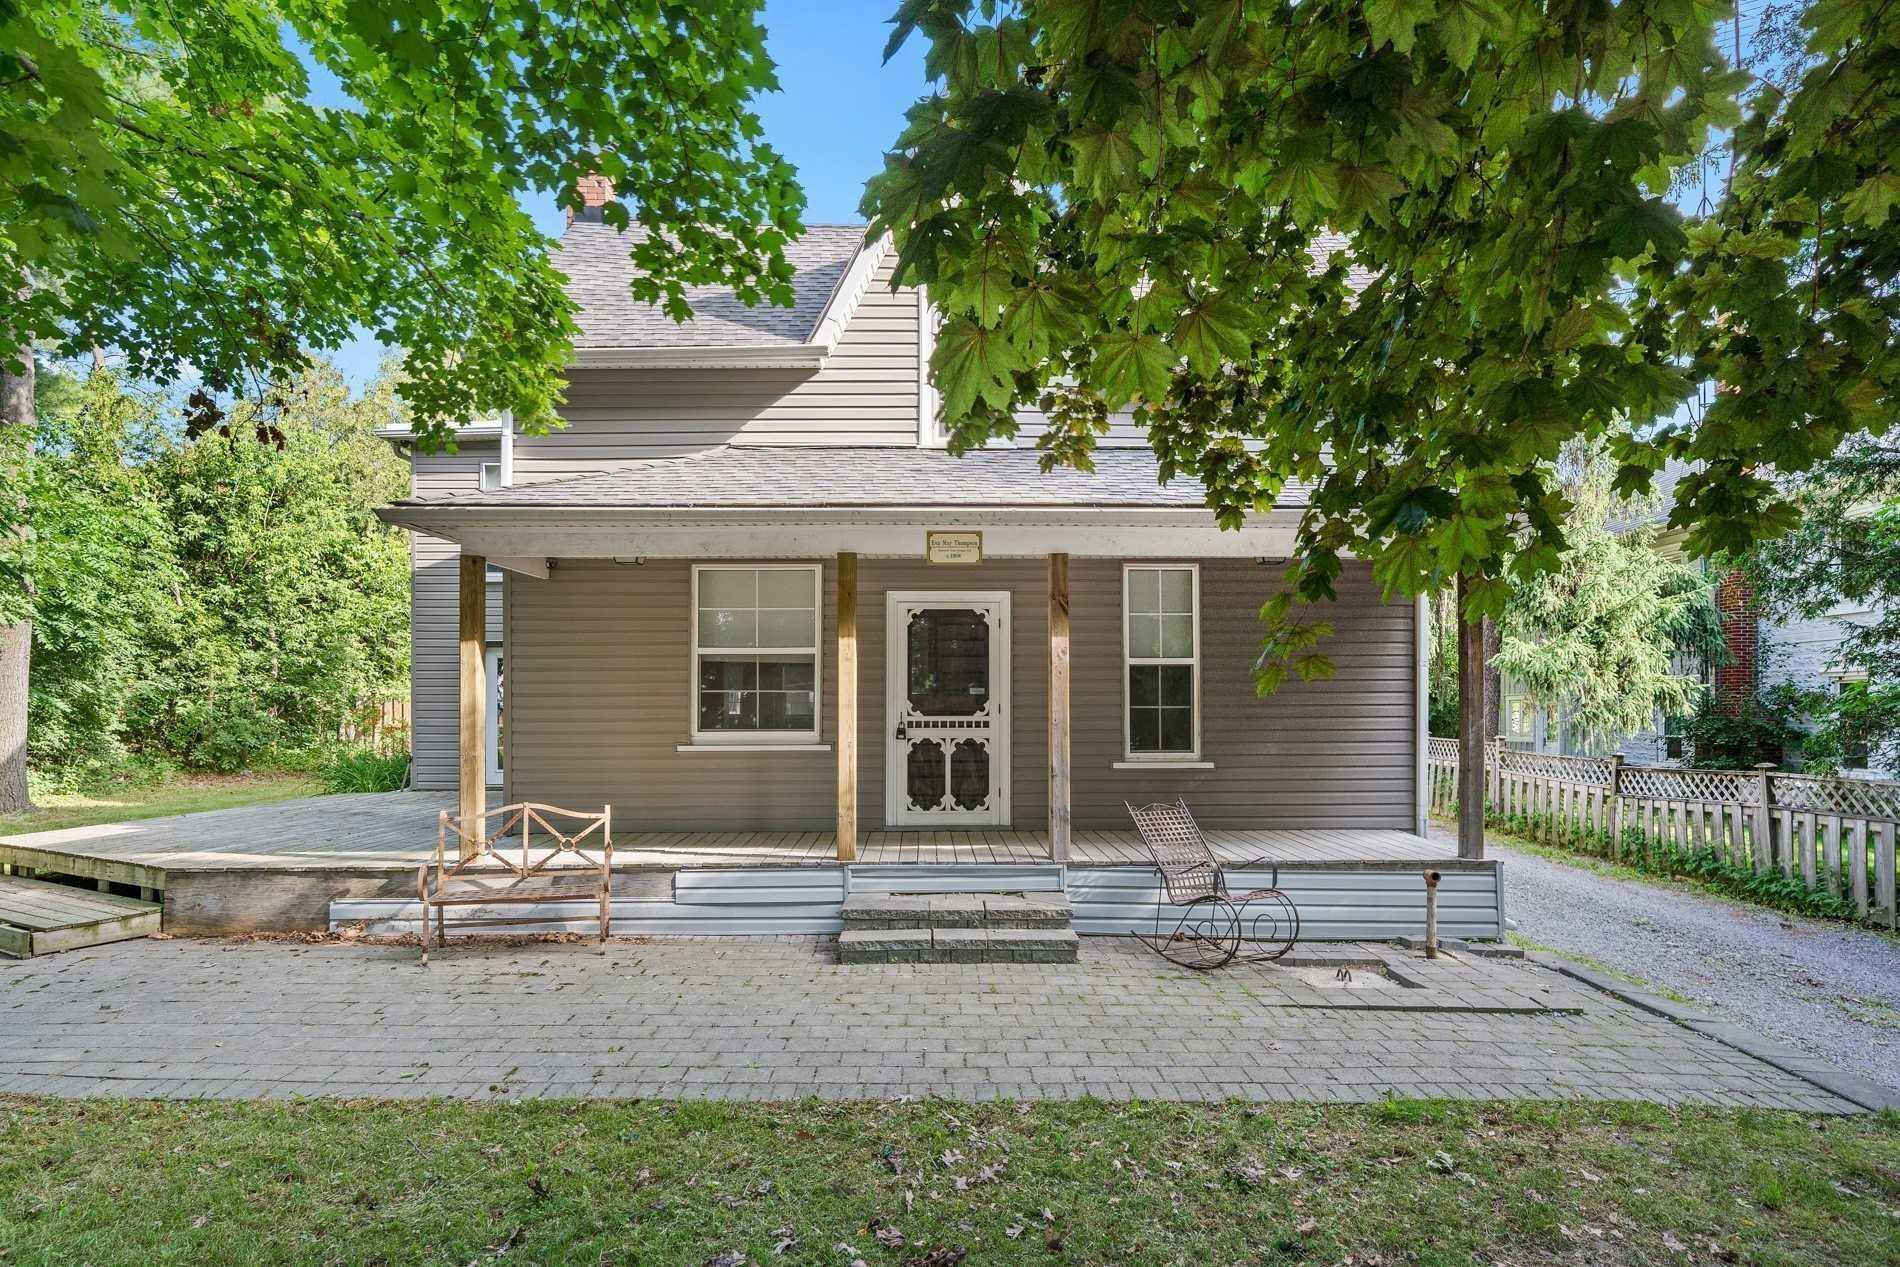 48 Gormley Rd, Richmond Hill, Ontario L4E1A2, 3 Bedrooms Bedrooms, 10 Rooms Rooms,3 BathroomsBathrooms,Detached,For Sale,Gormley,N4878481